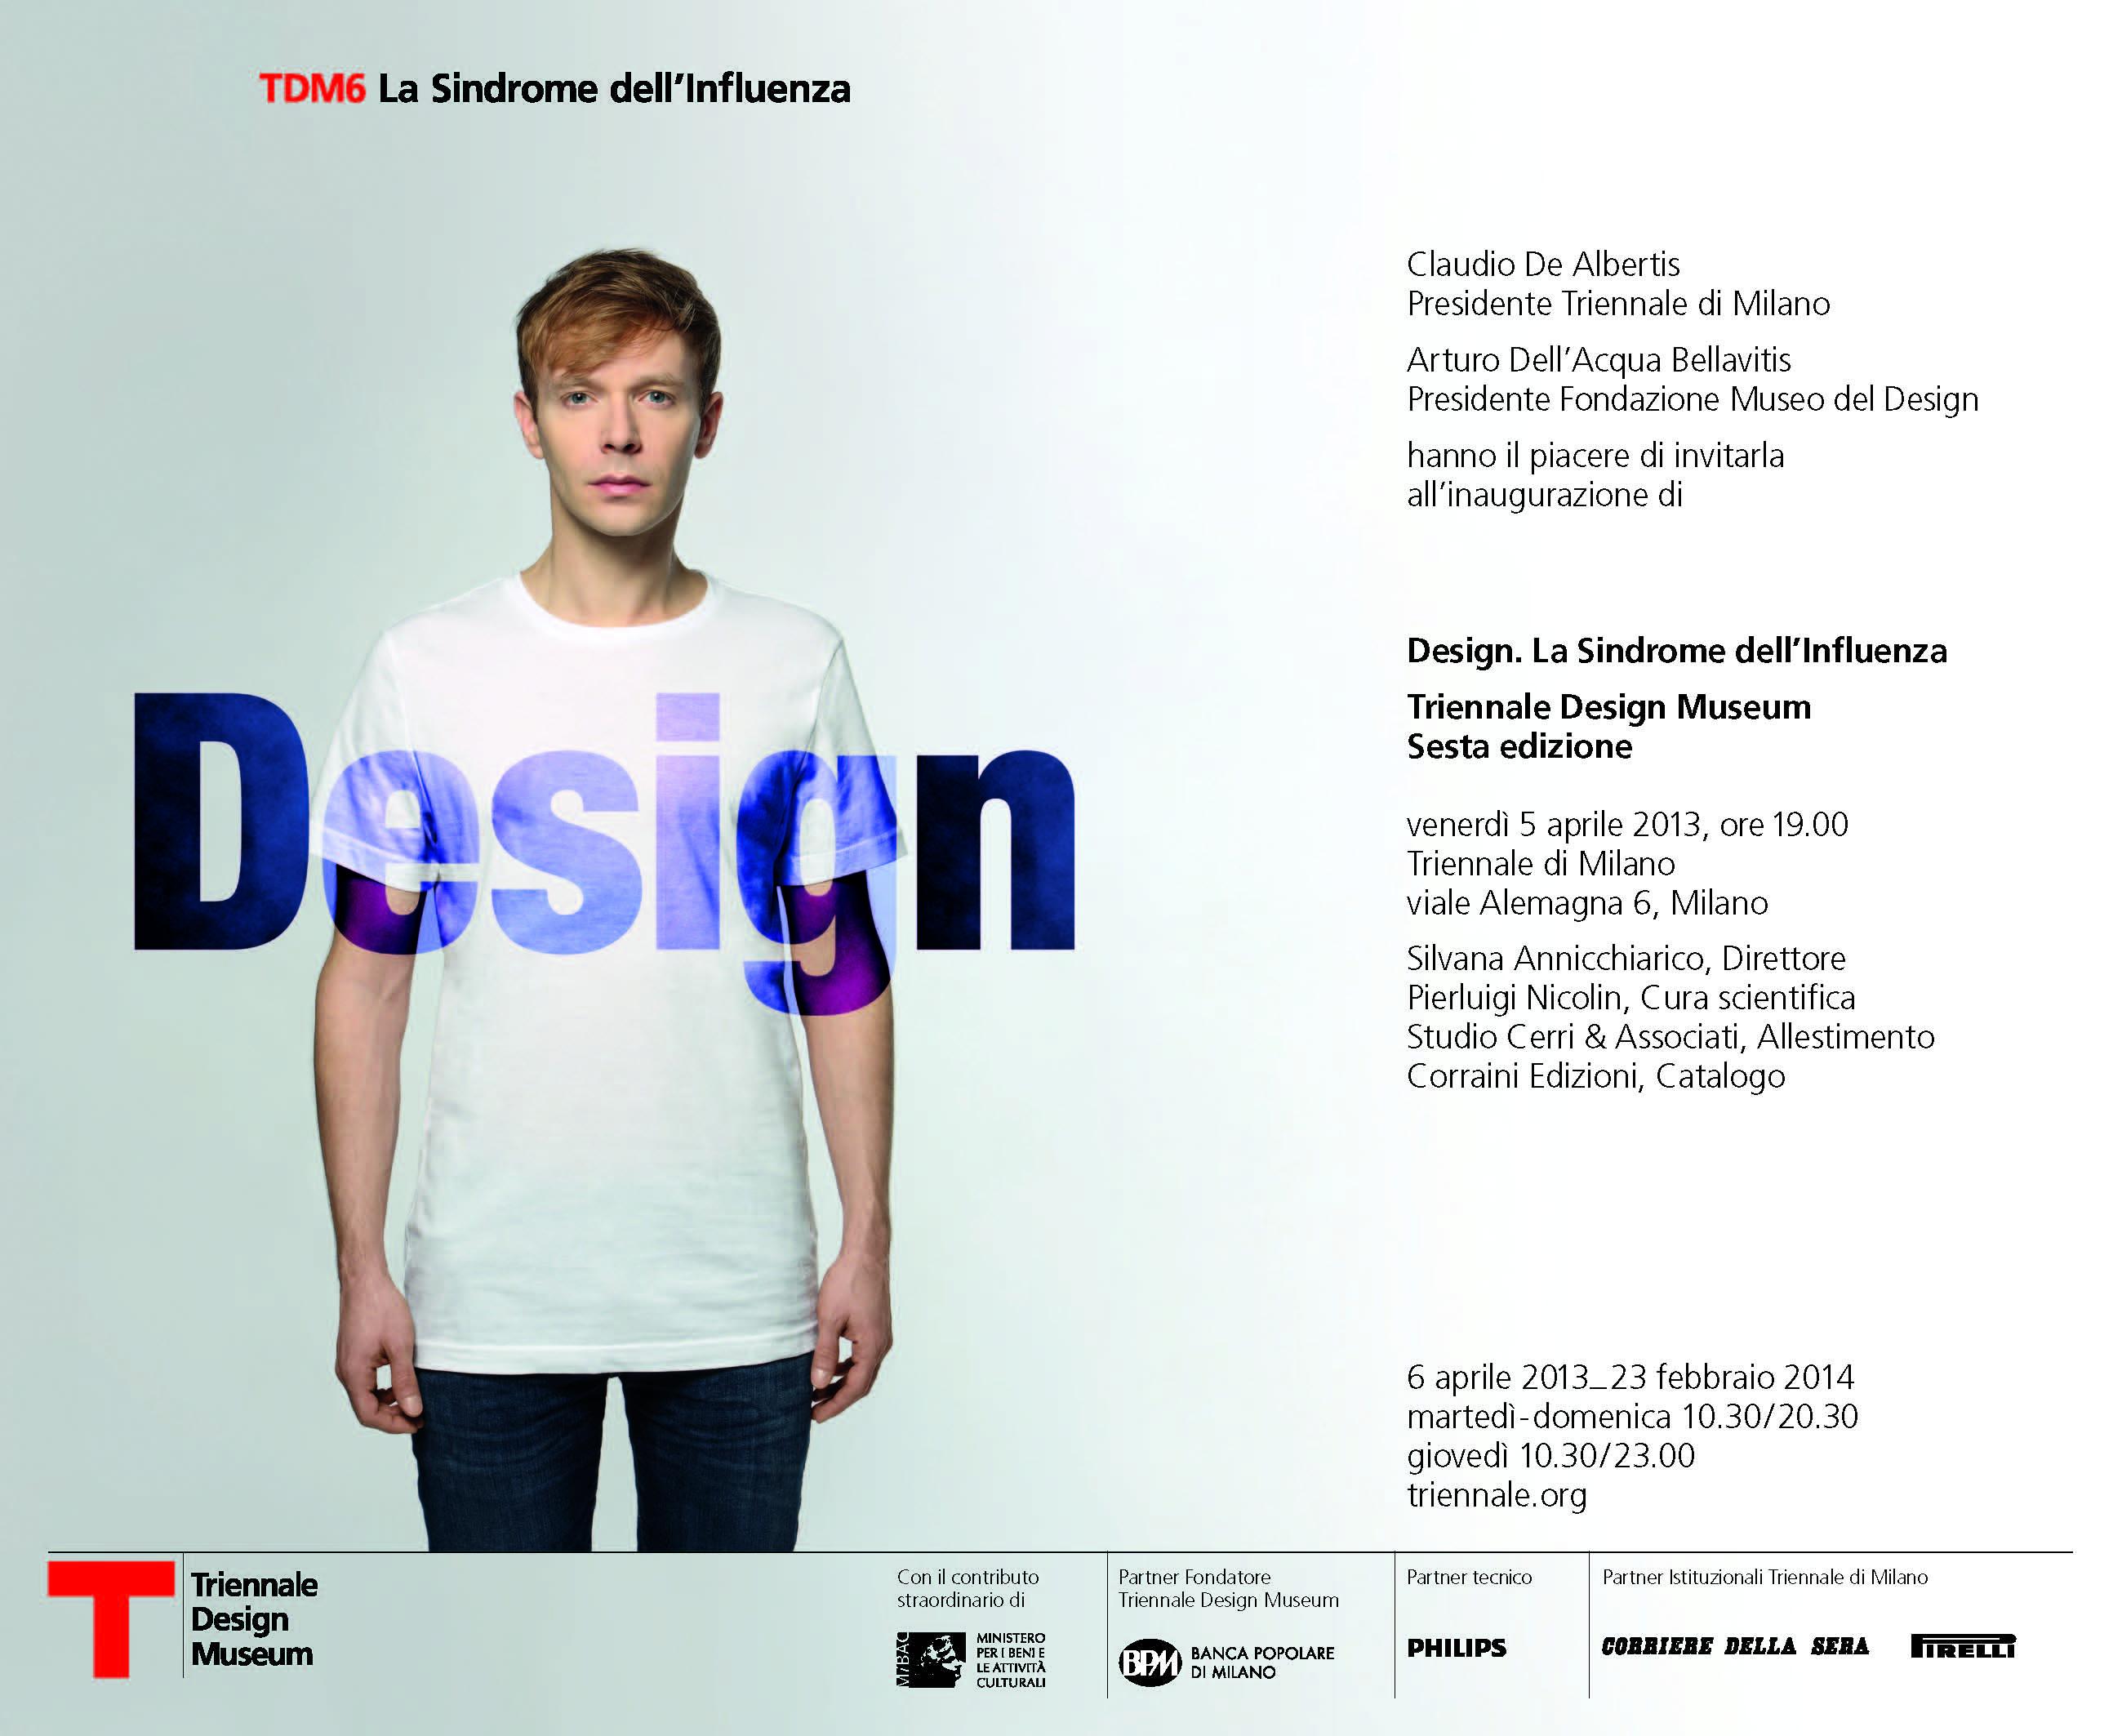 Triennale Design Museum VI